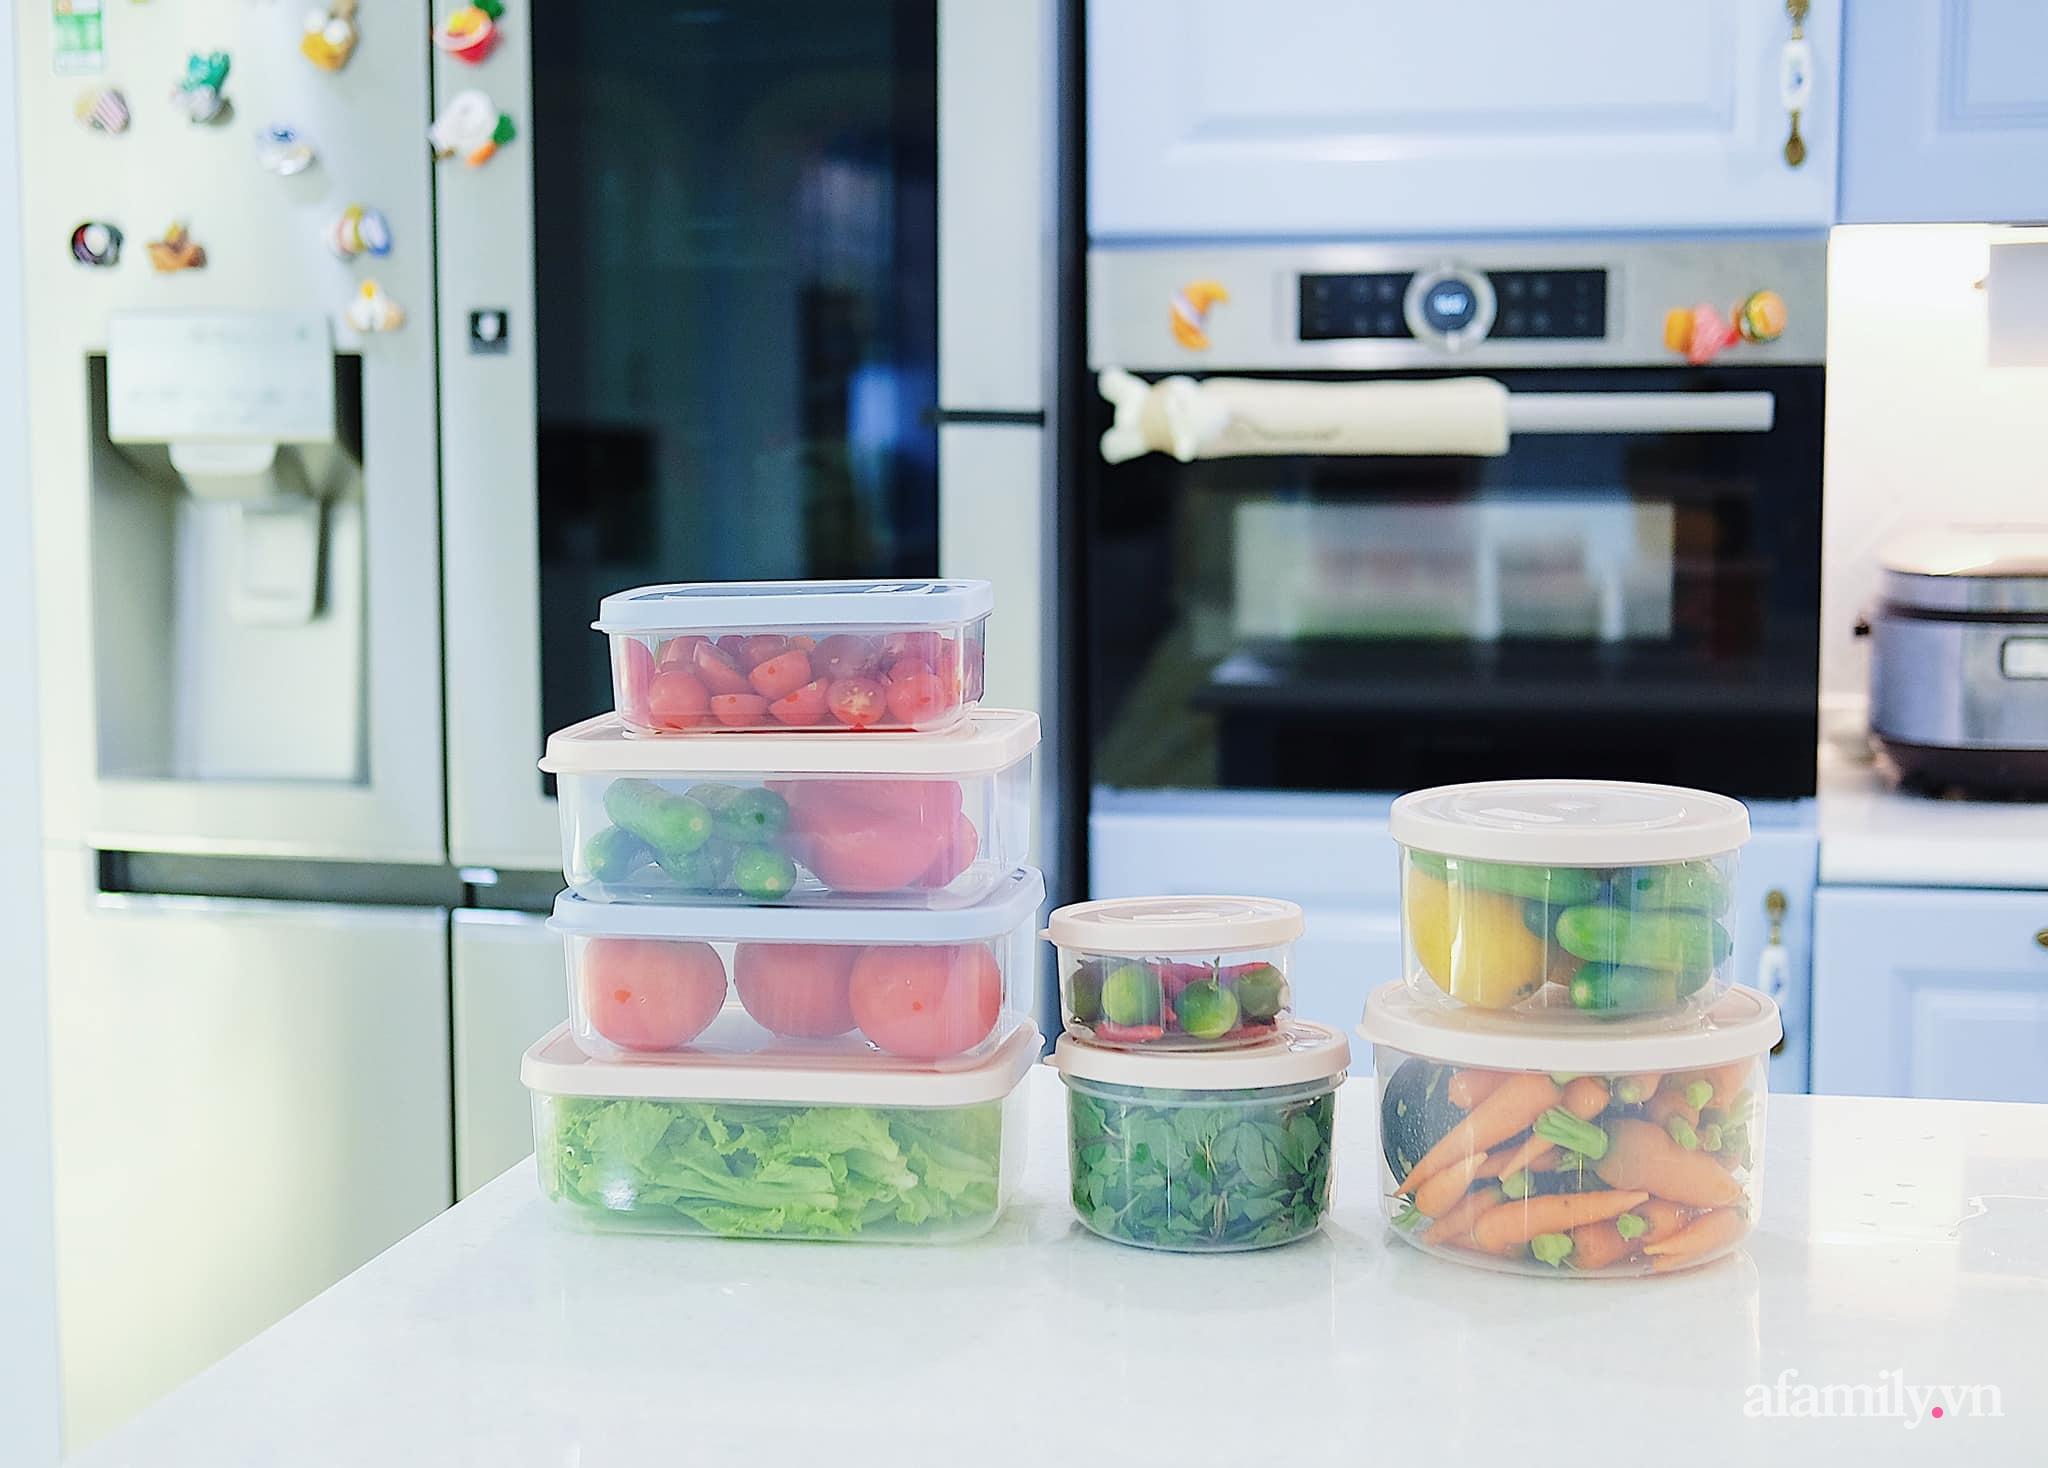 Căn bếp màu xanh yên bình, sang trọng với đủ thiết bị hiện đại của mẹ trẻ xinh đẹp Sài Thành - Ảnh 9.